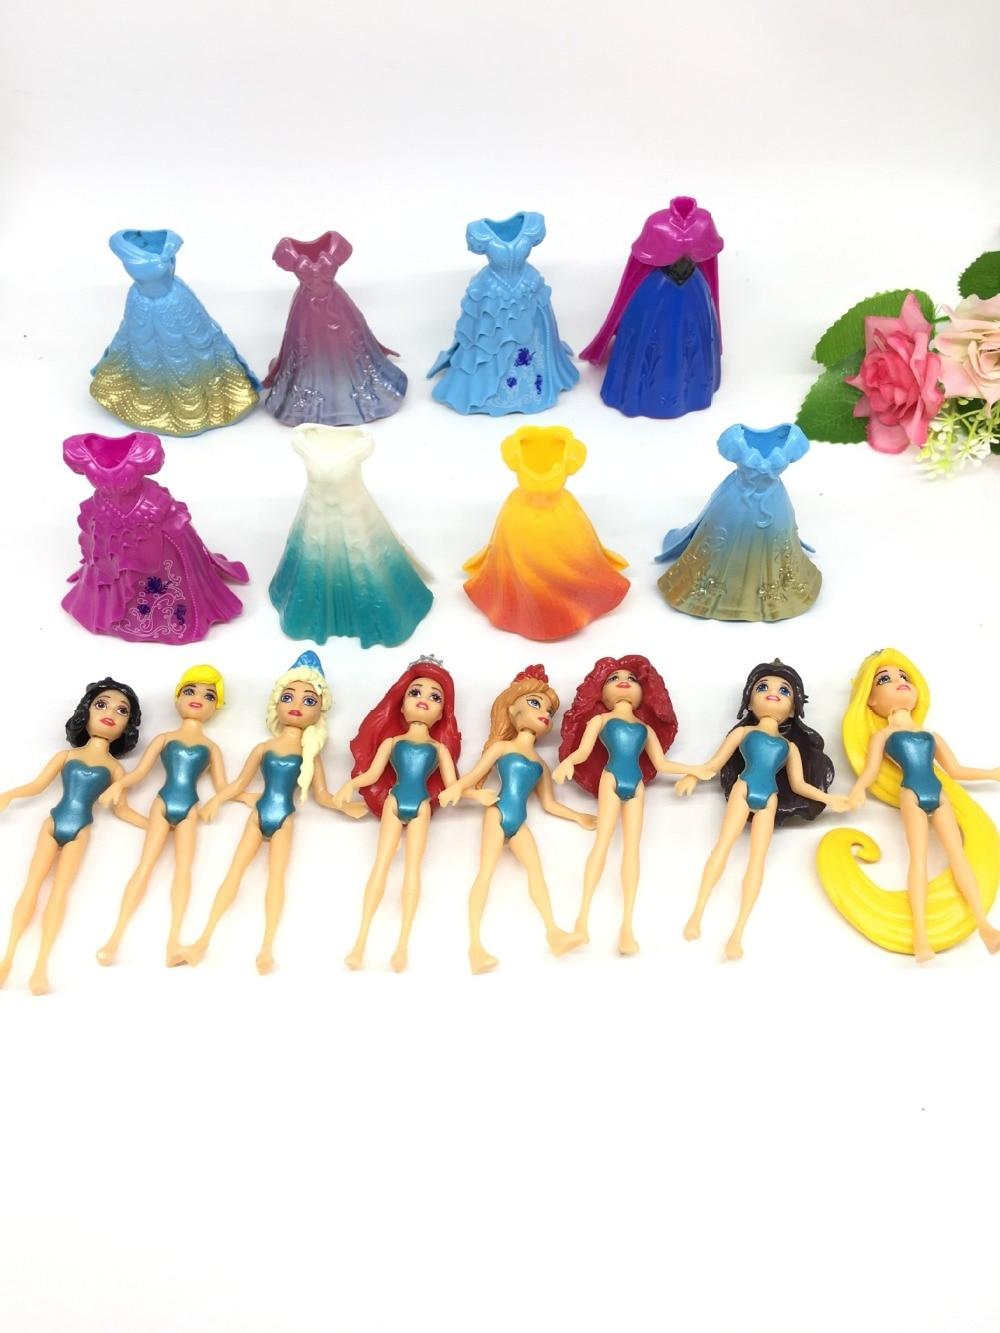 8pcs set Dress up princess Anime Action Figures Ariel Queen Statue Magic Clip Princess Dolls Kids